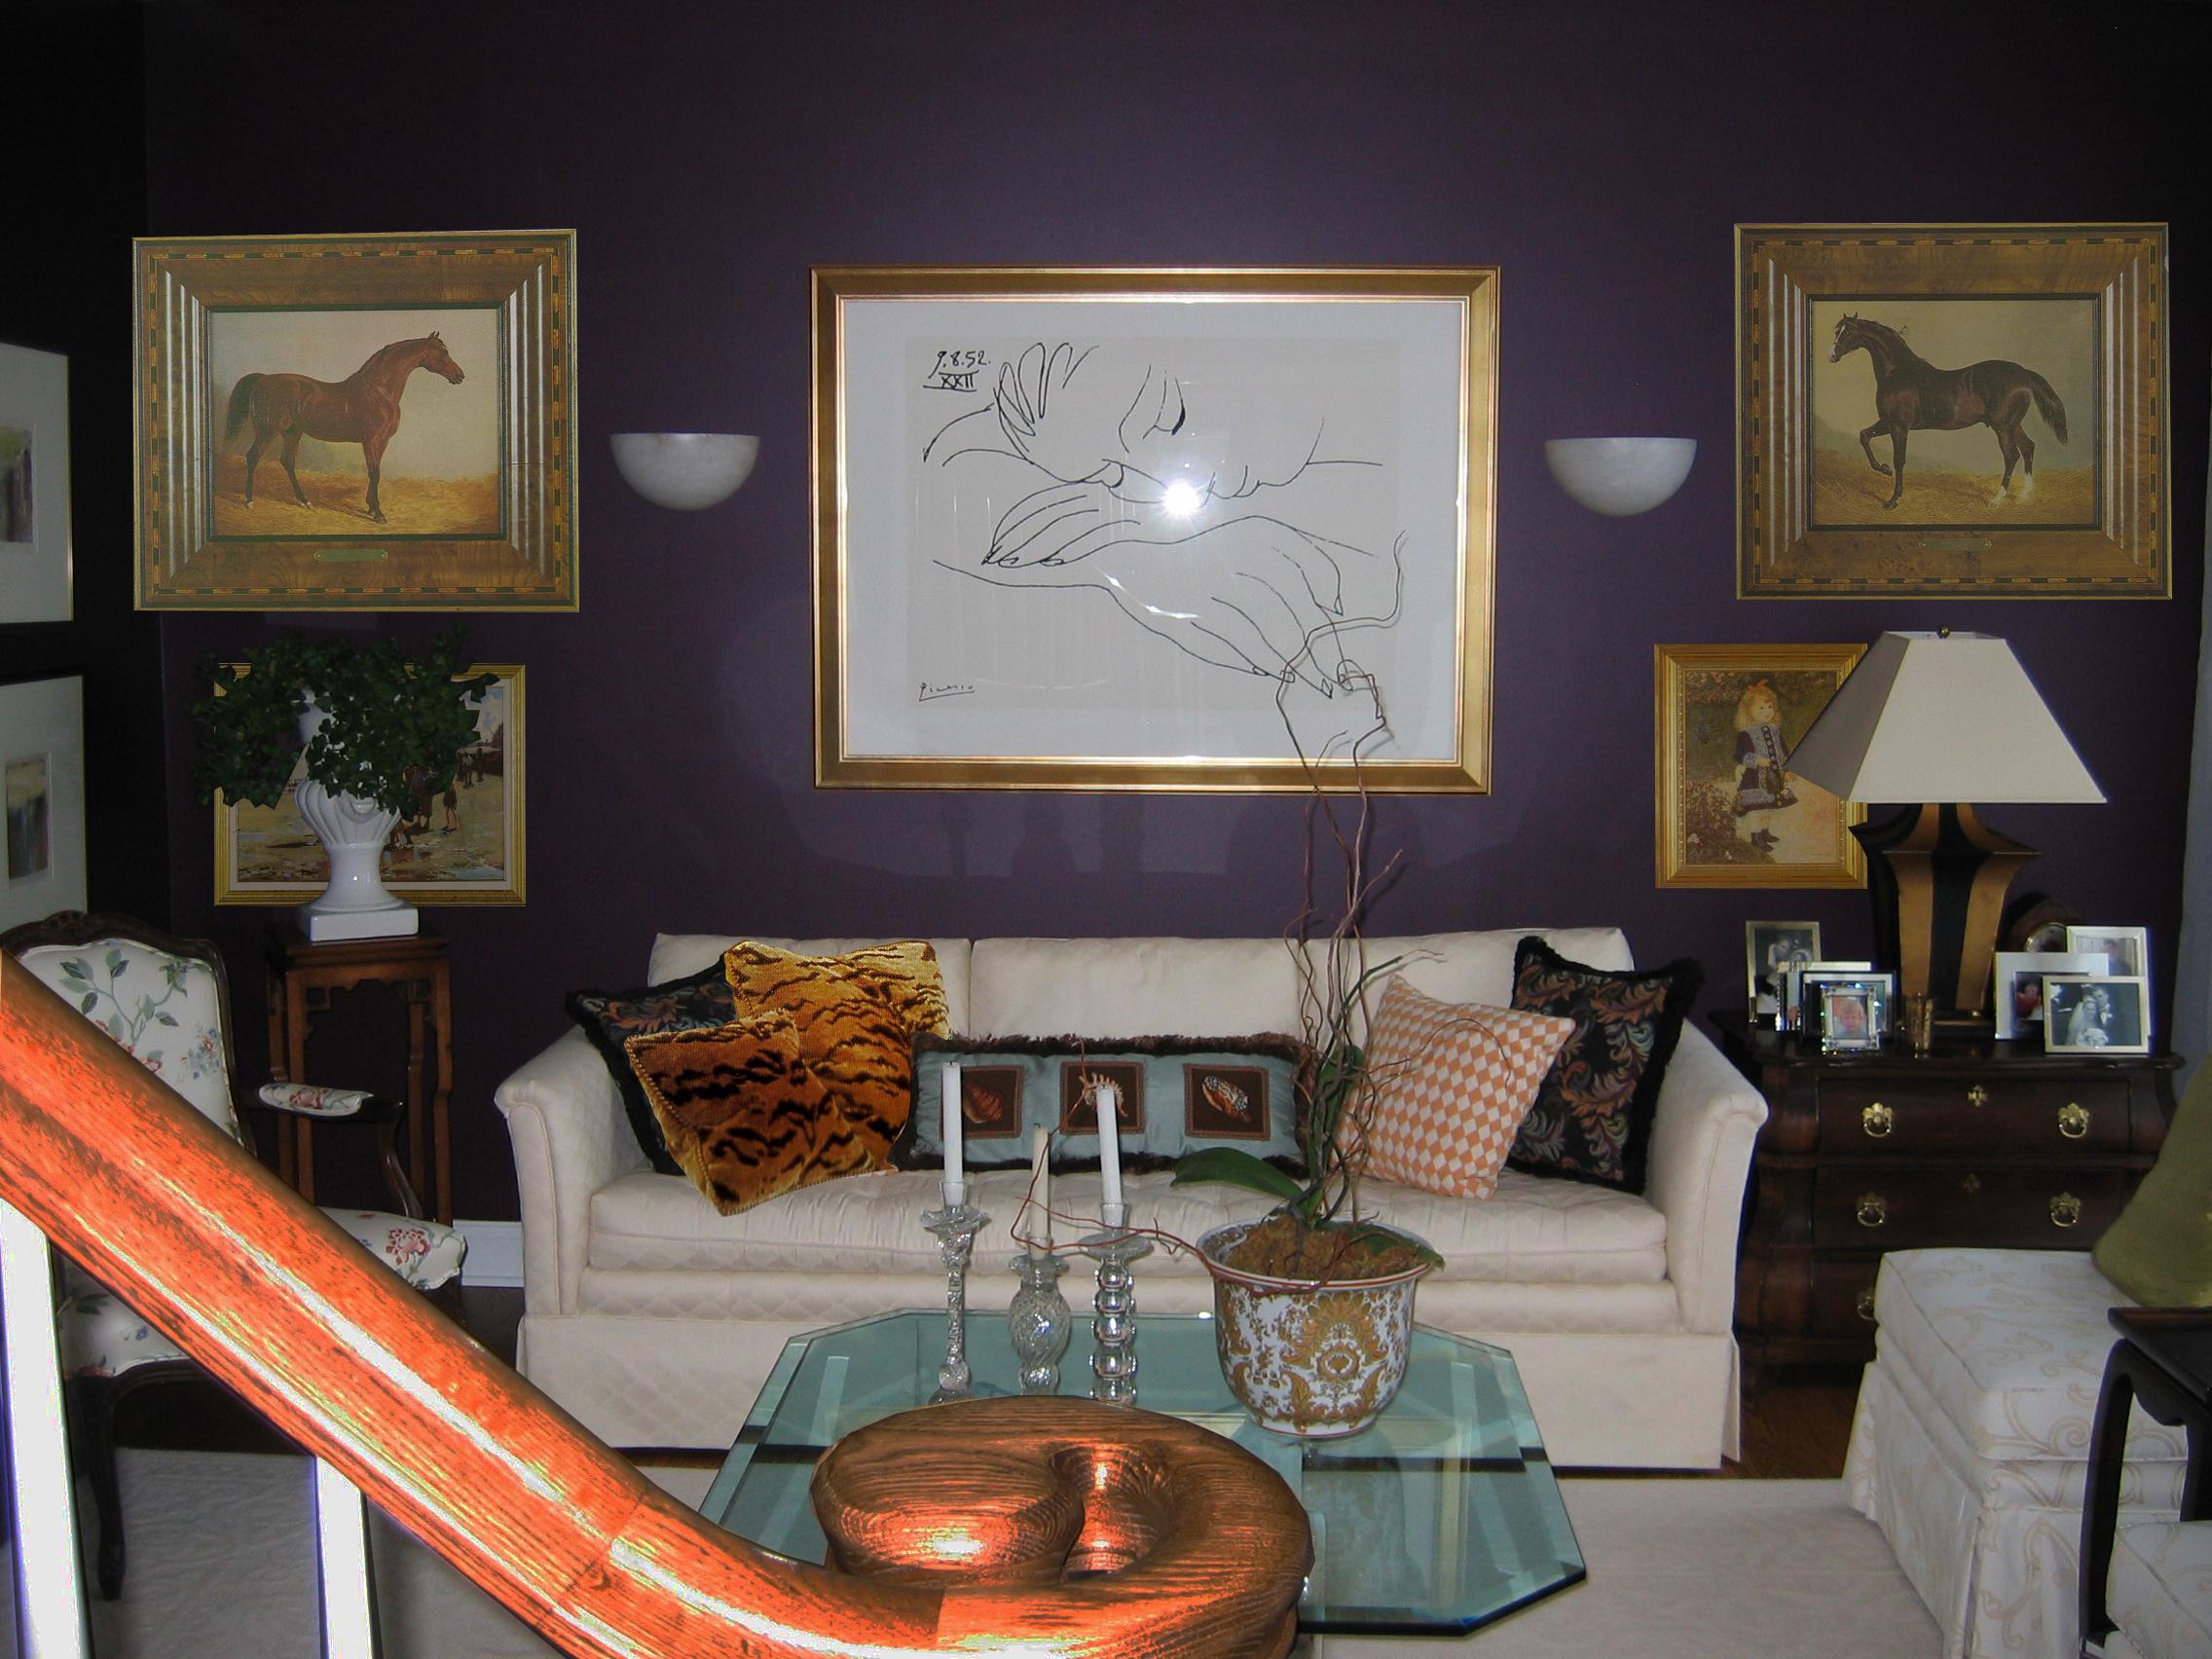 Bedison Living Room.jpg